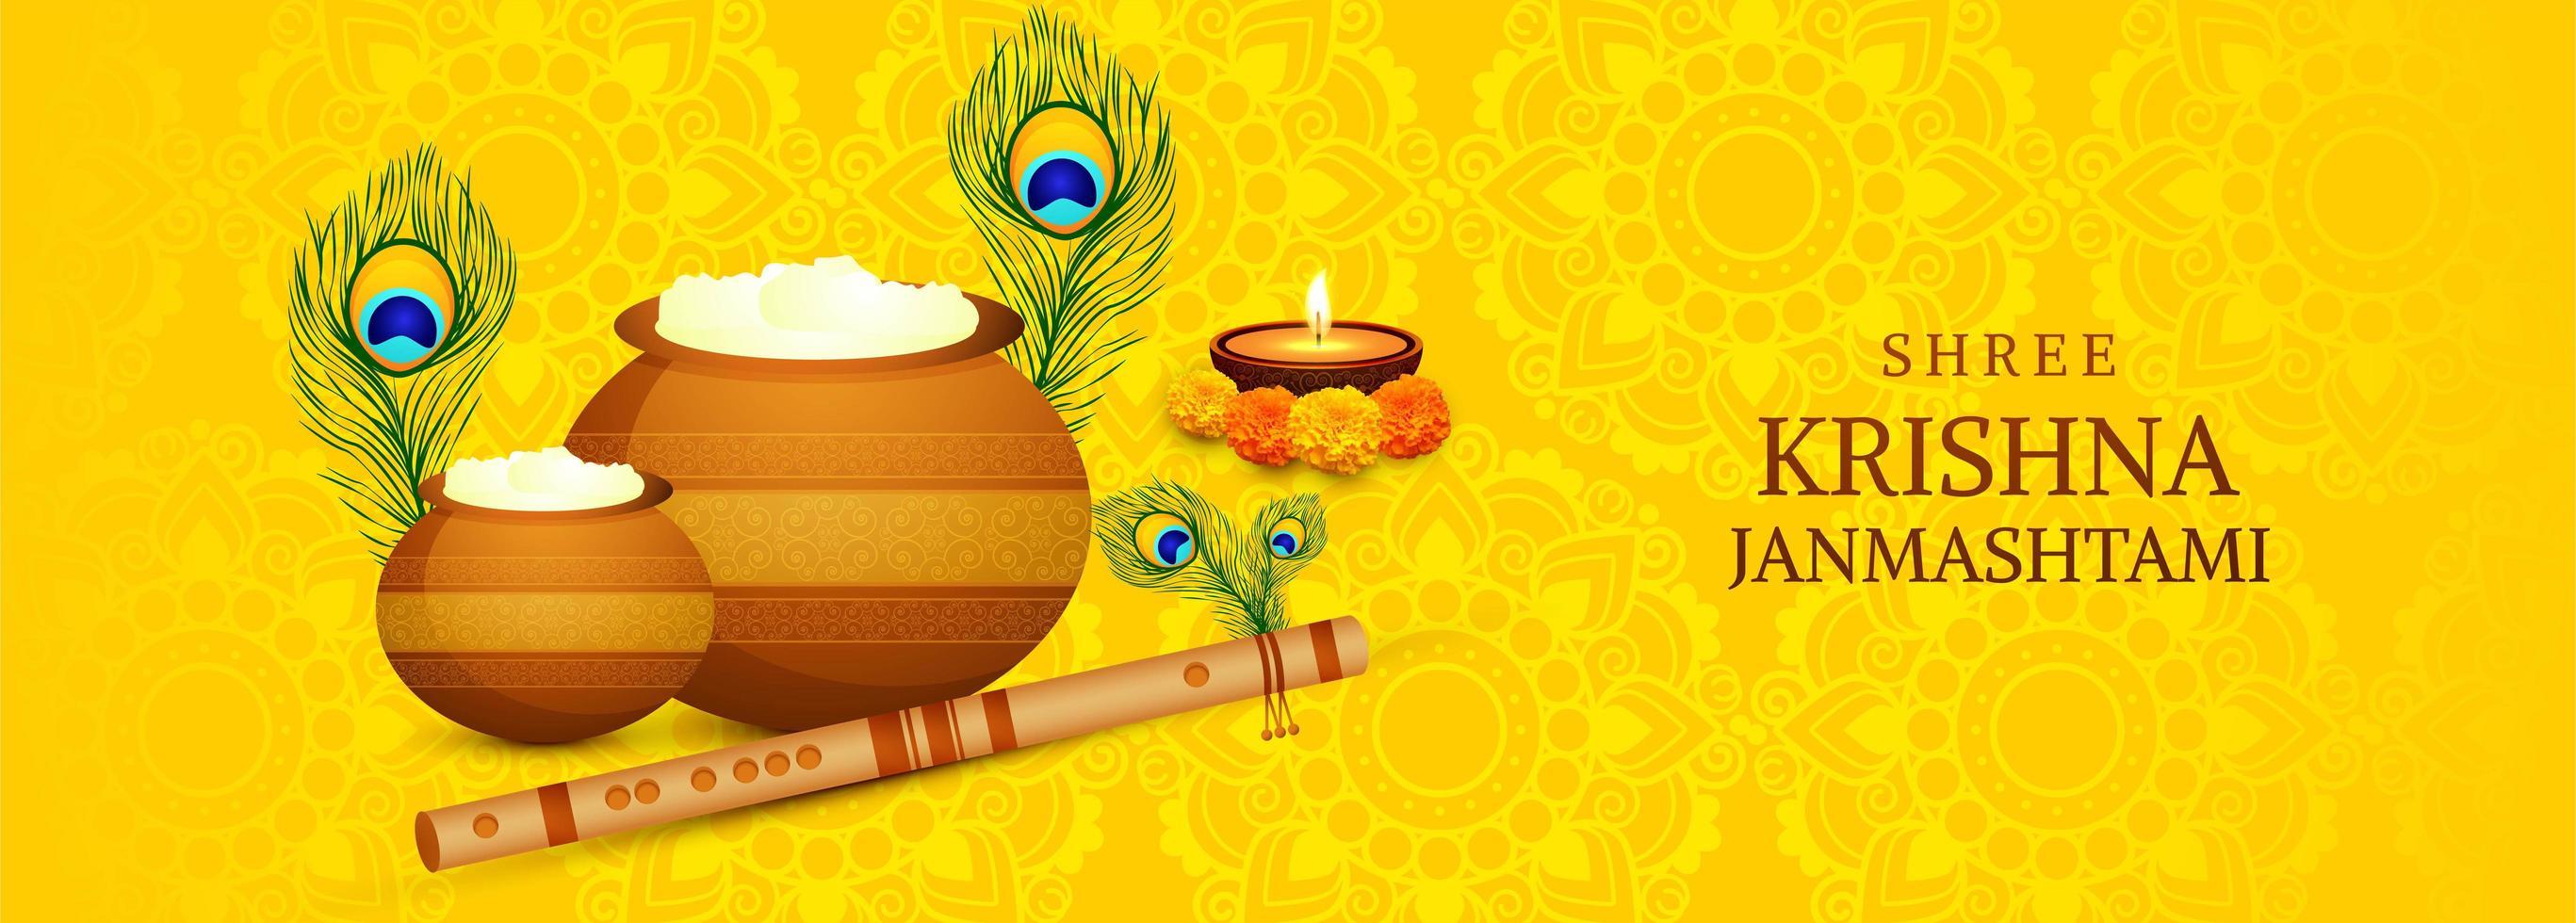 Cartão do festival Shree Krishna Janmashtami com faixa de potes vetor